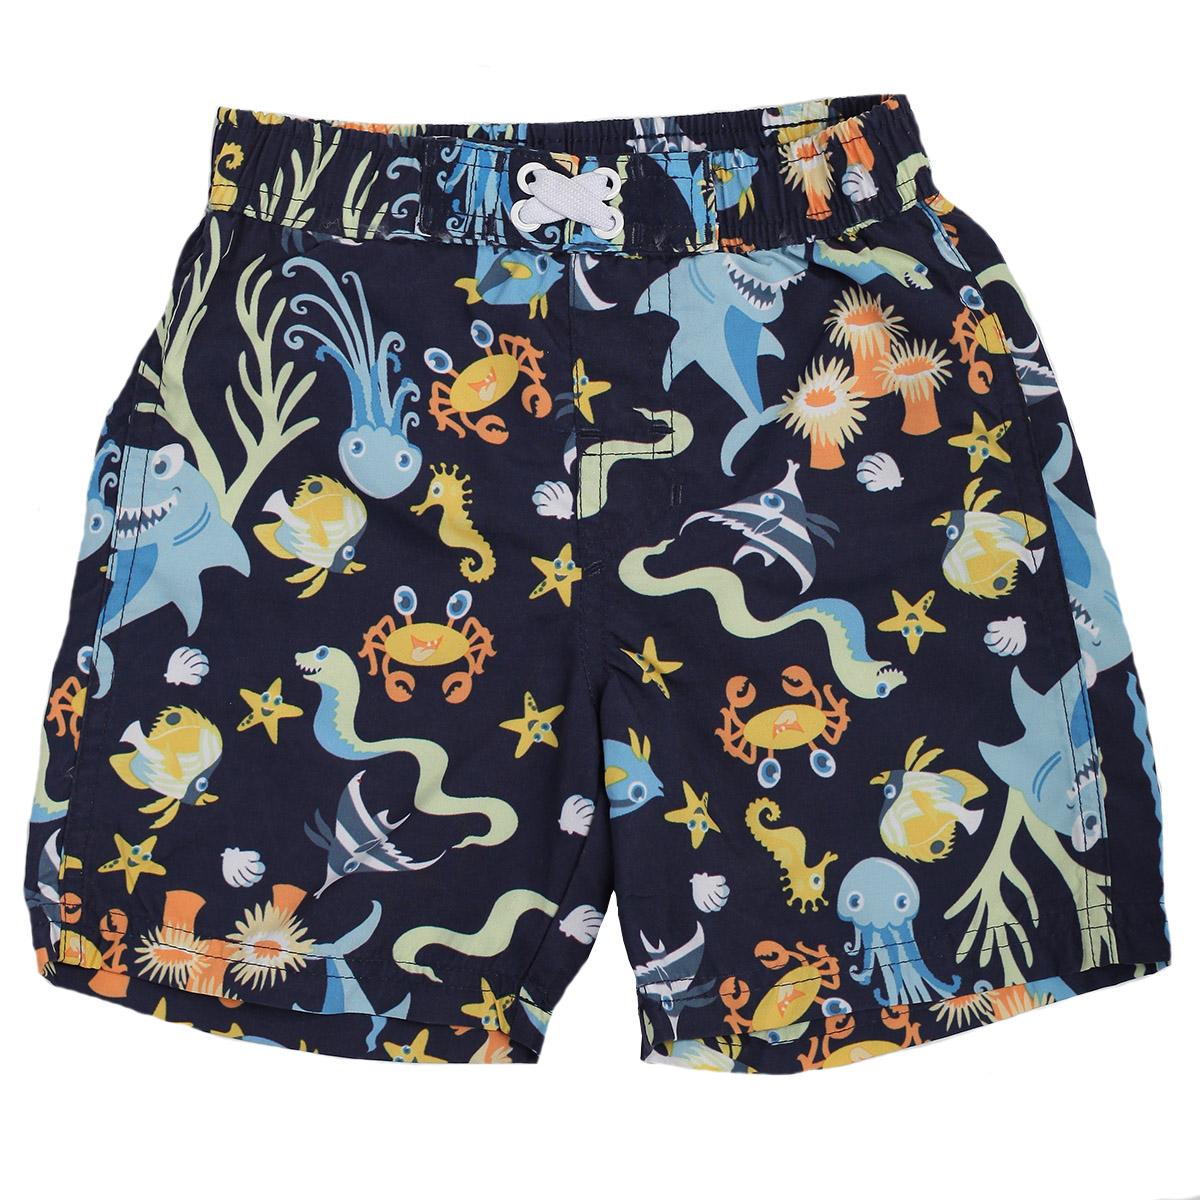 Купить летние шорты для детей